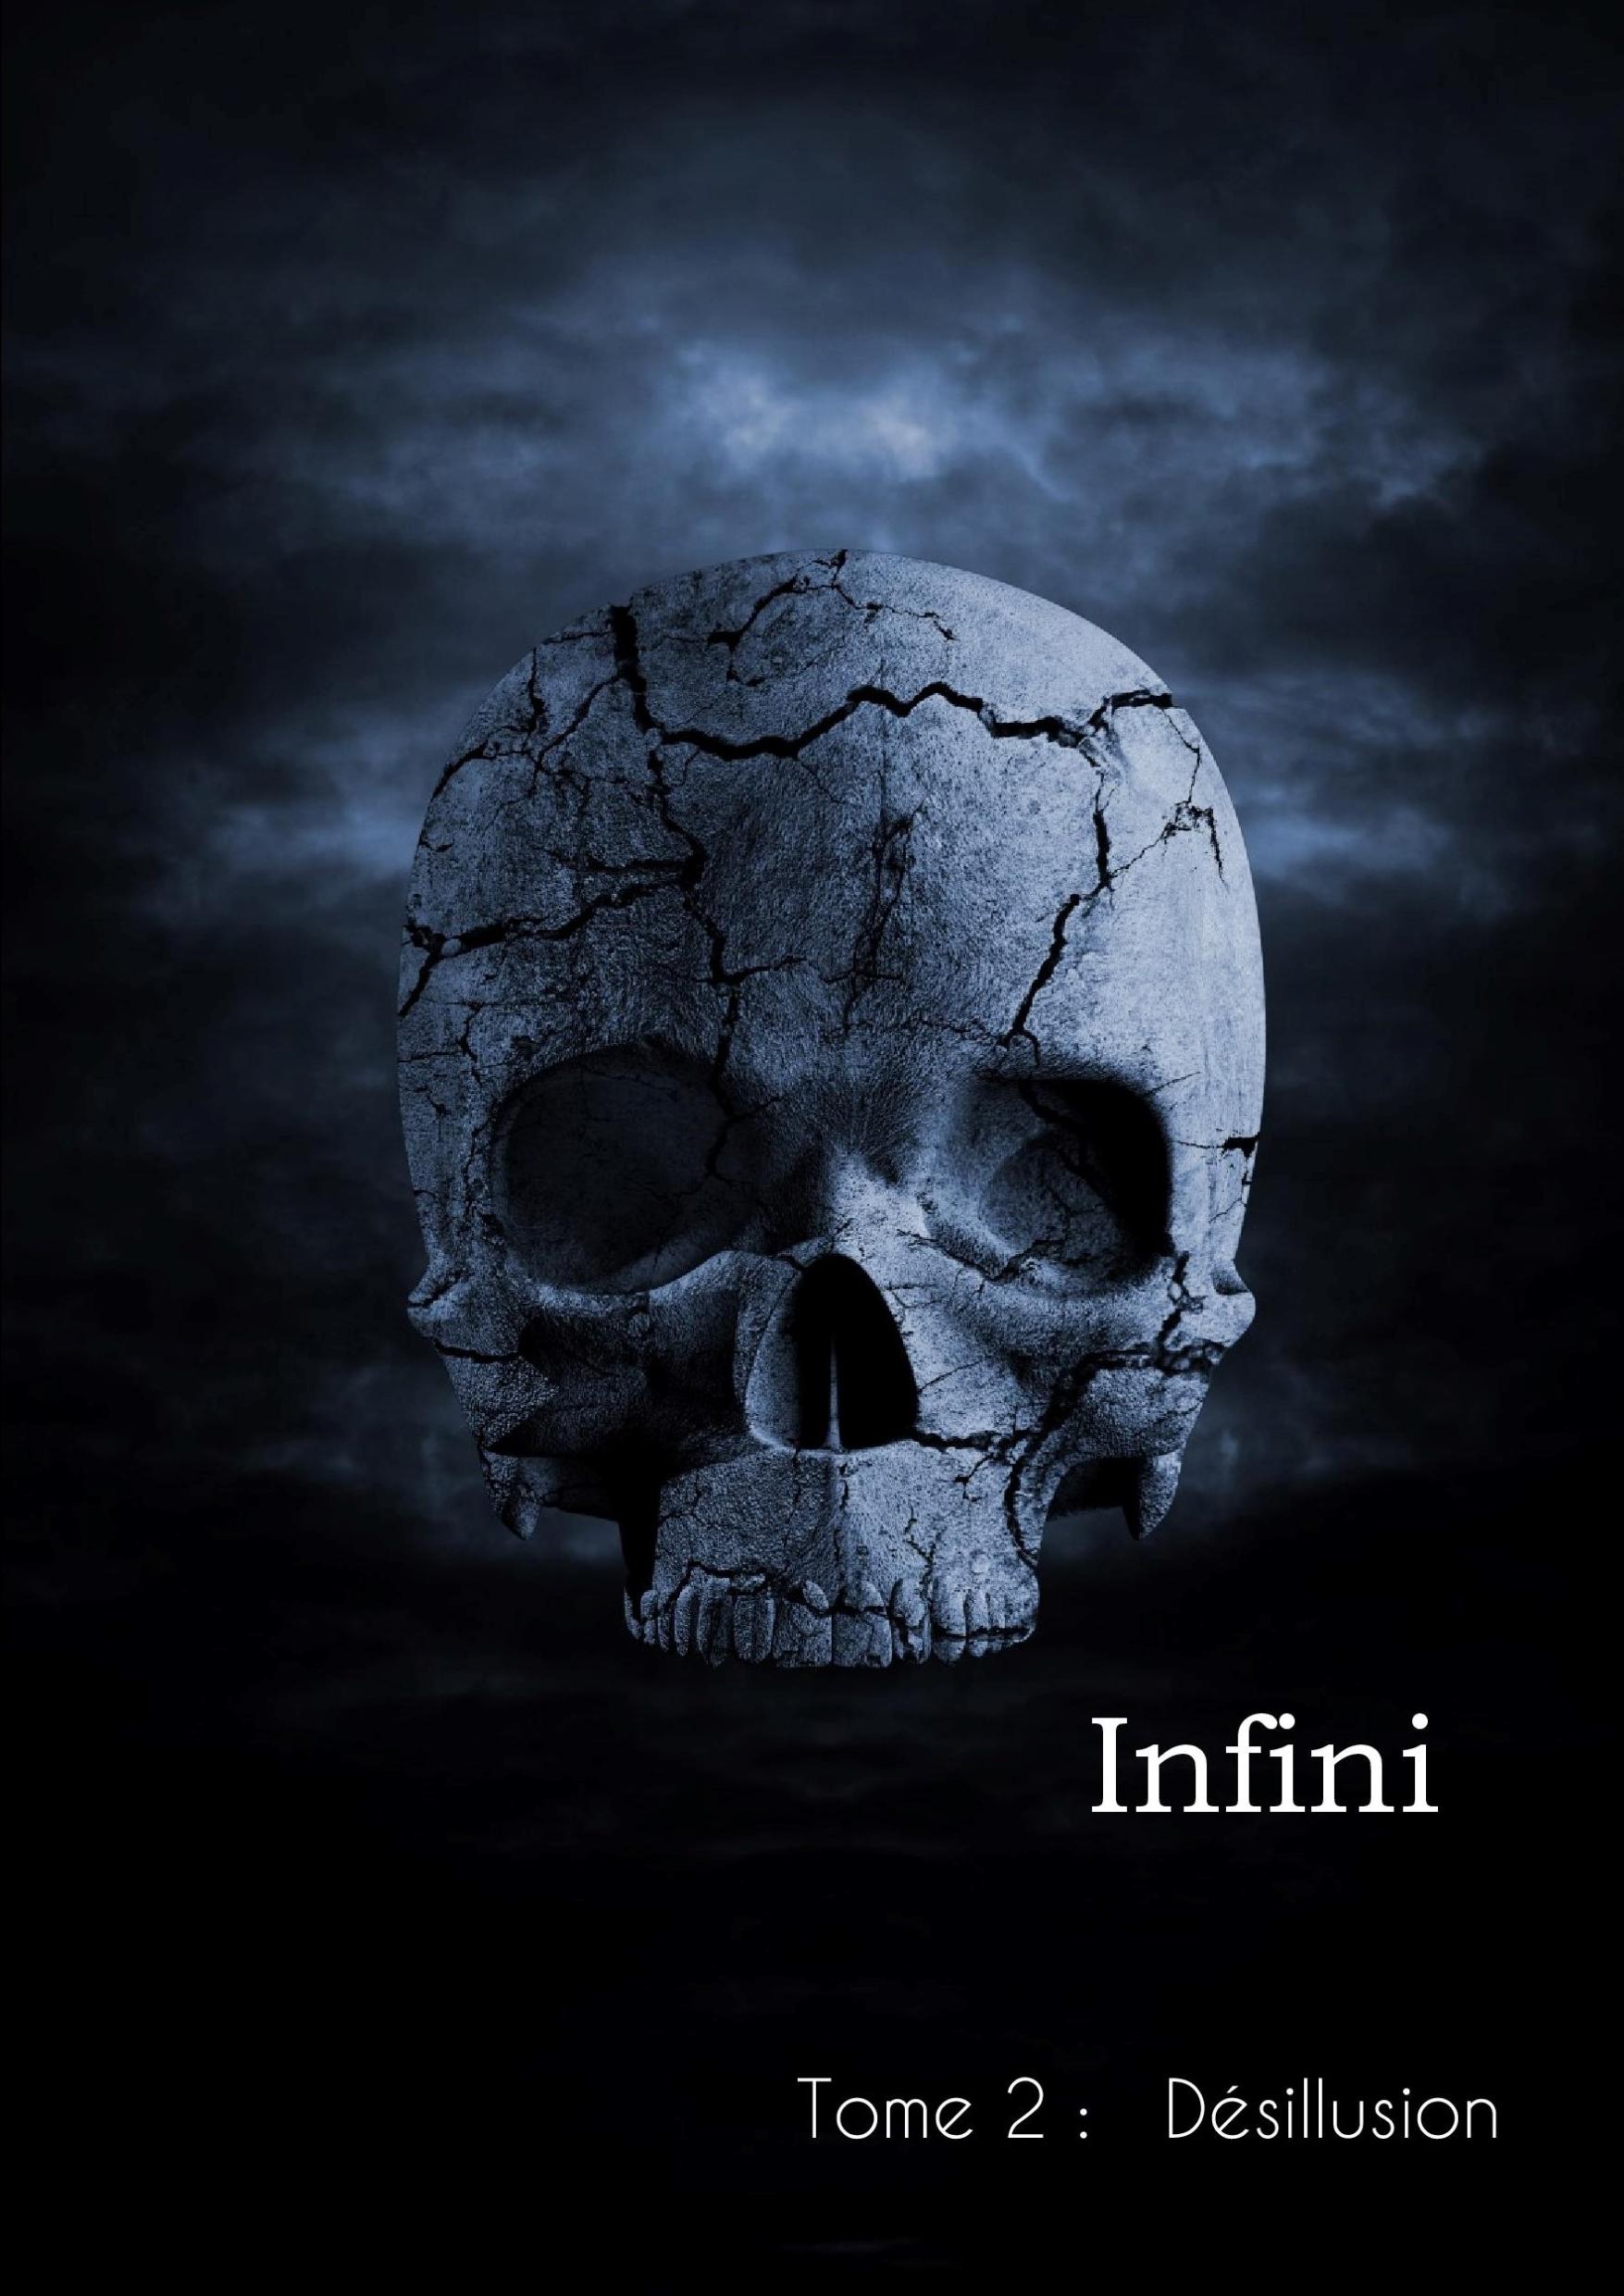 Infini-Désillusion (Tome 2)